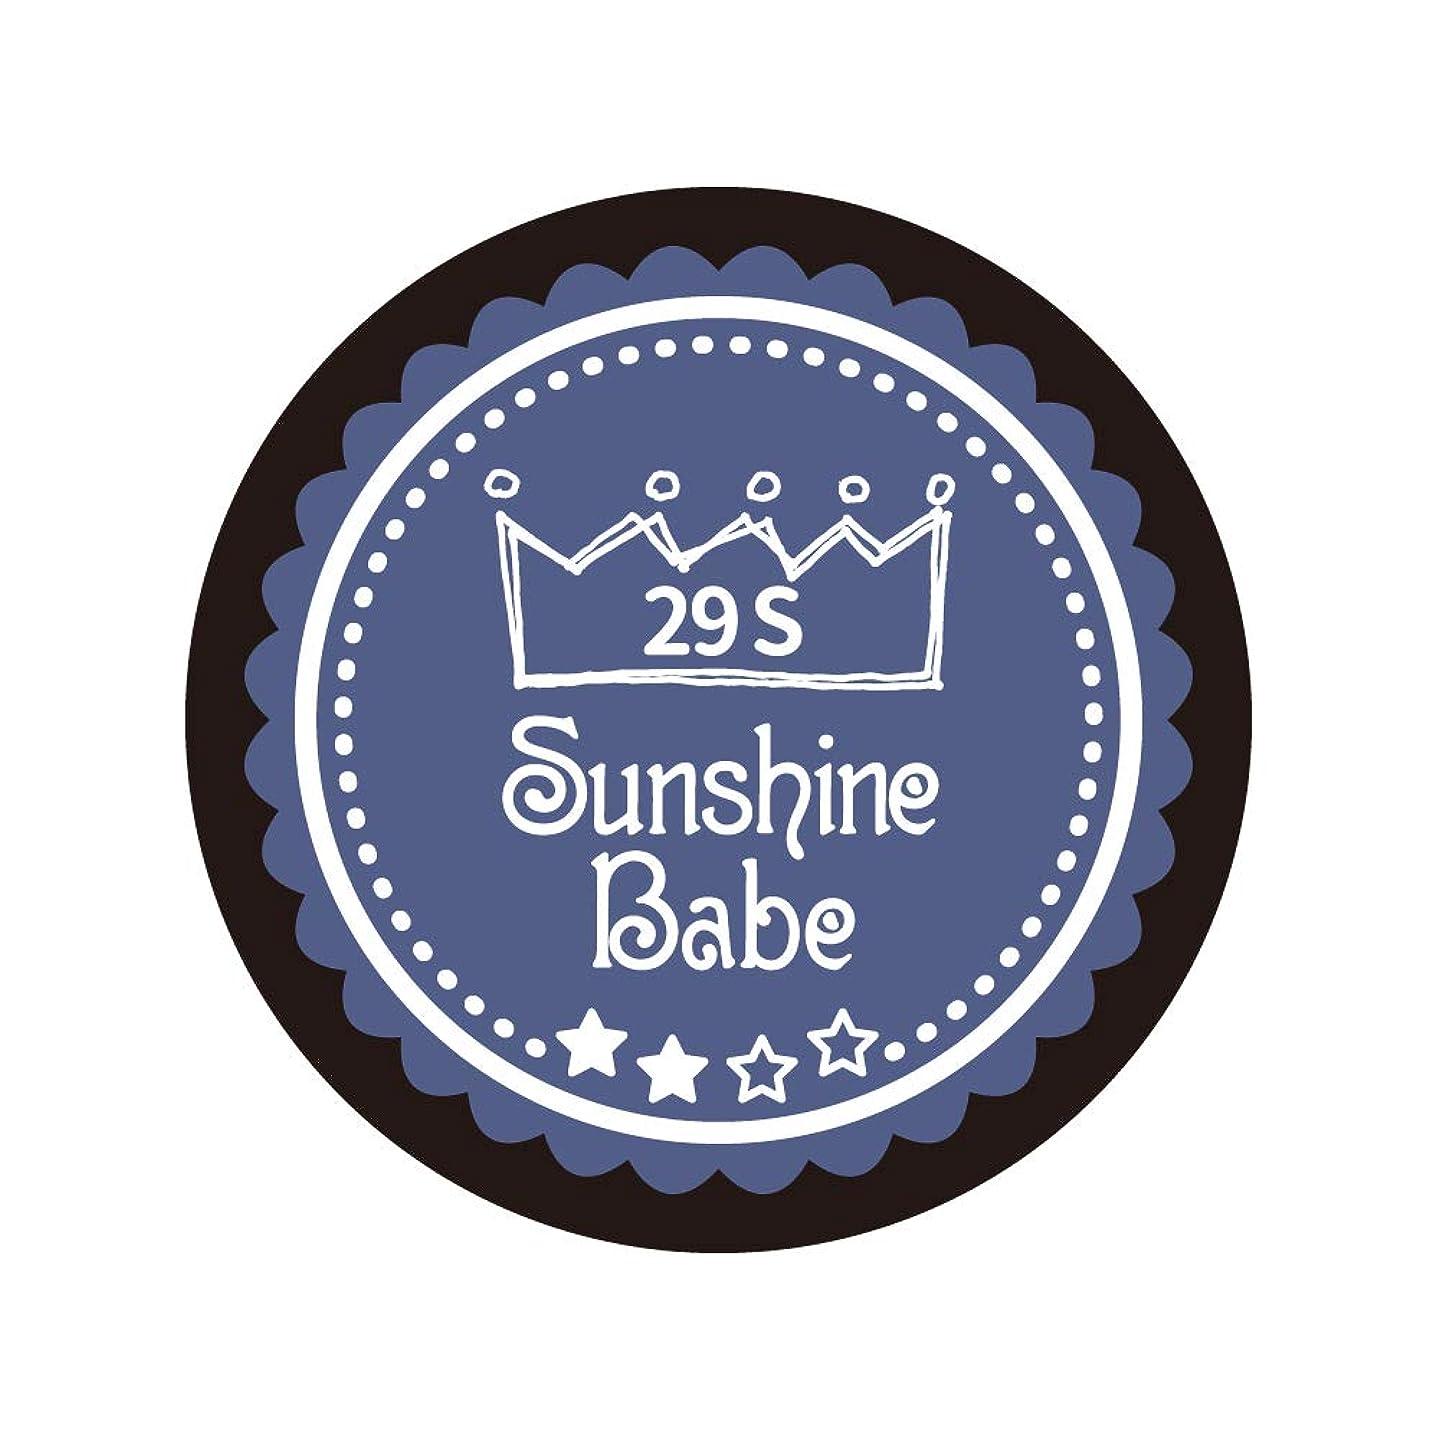 トラック運ぶ酸化物Sunshine Babe コスメティックカラー 29S ネイビーグレー 4g UV/LED対応